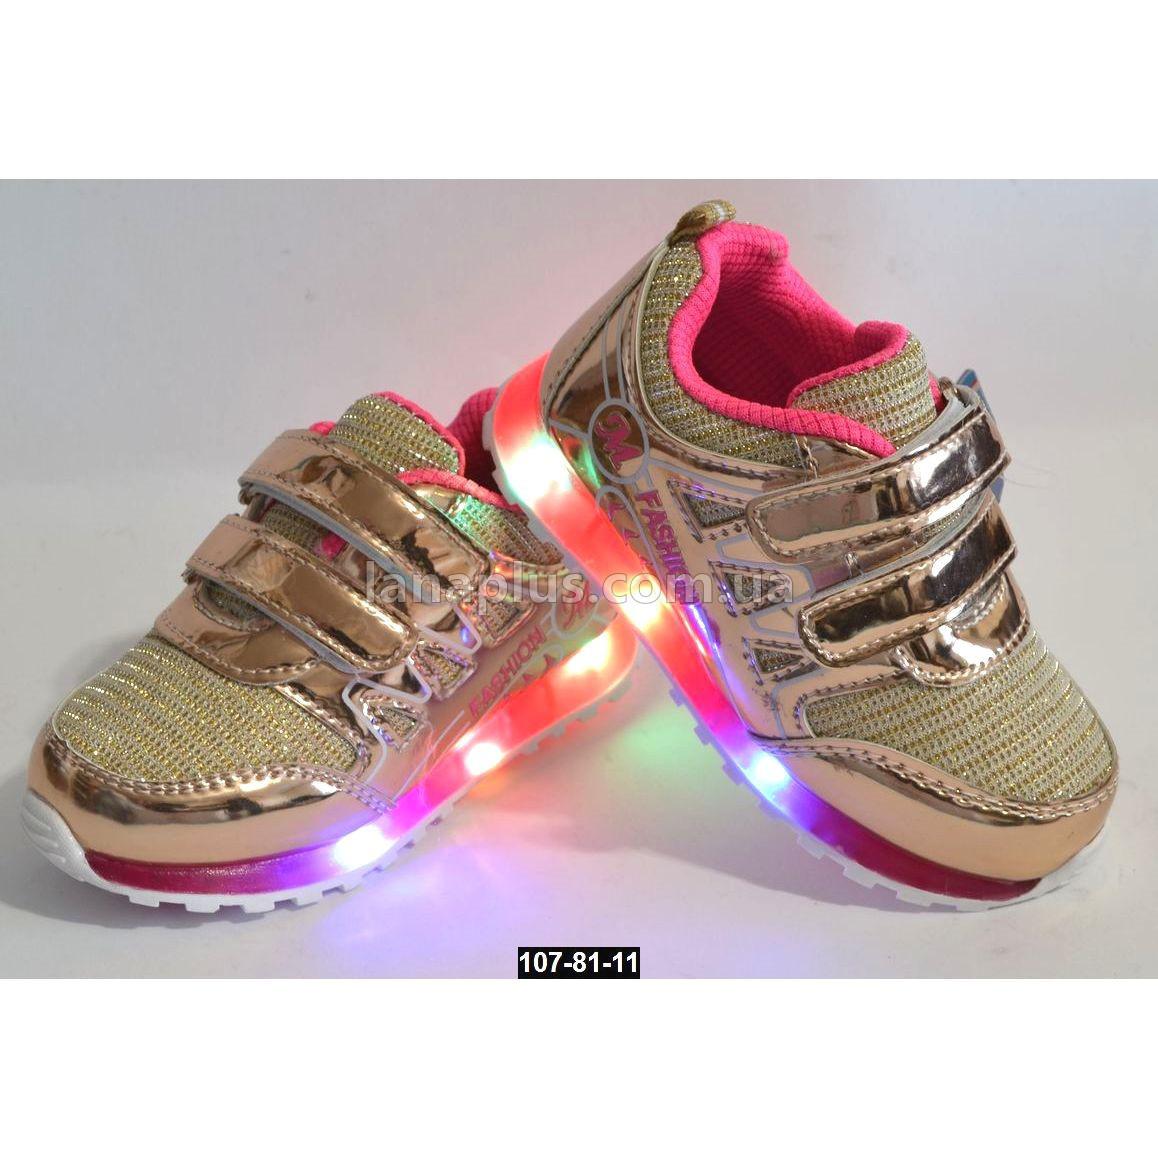 Золотые светящиеся LED кроссовки для девочки, 24 размер (14.5 см), с мигалками, супинатор